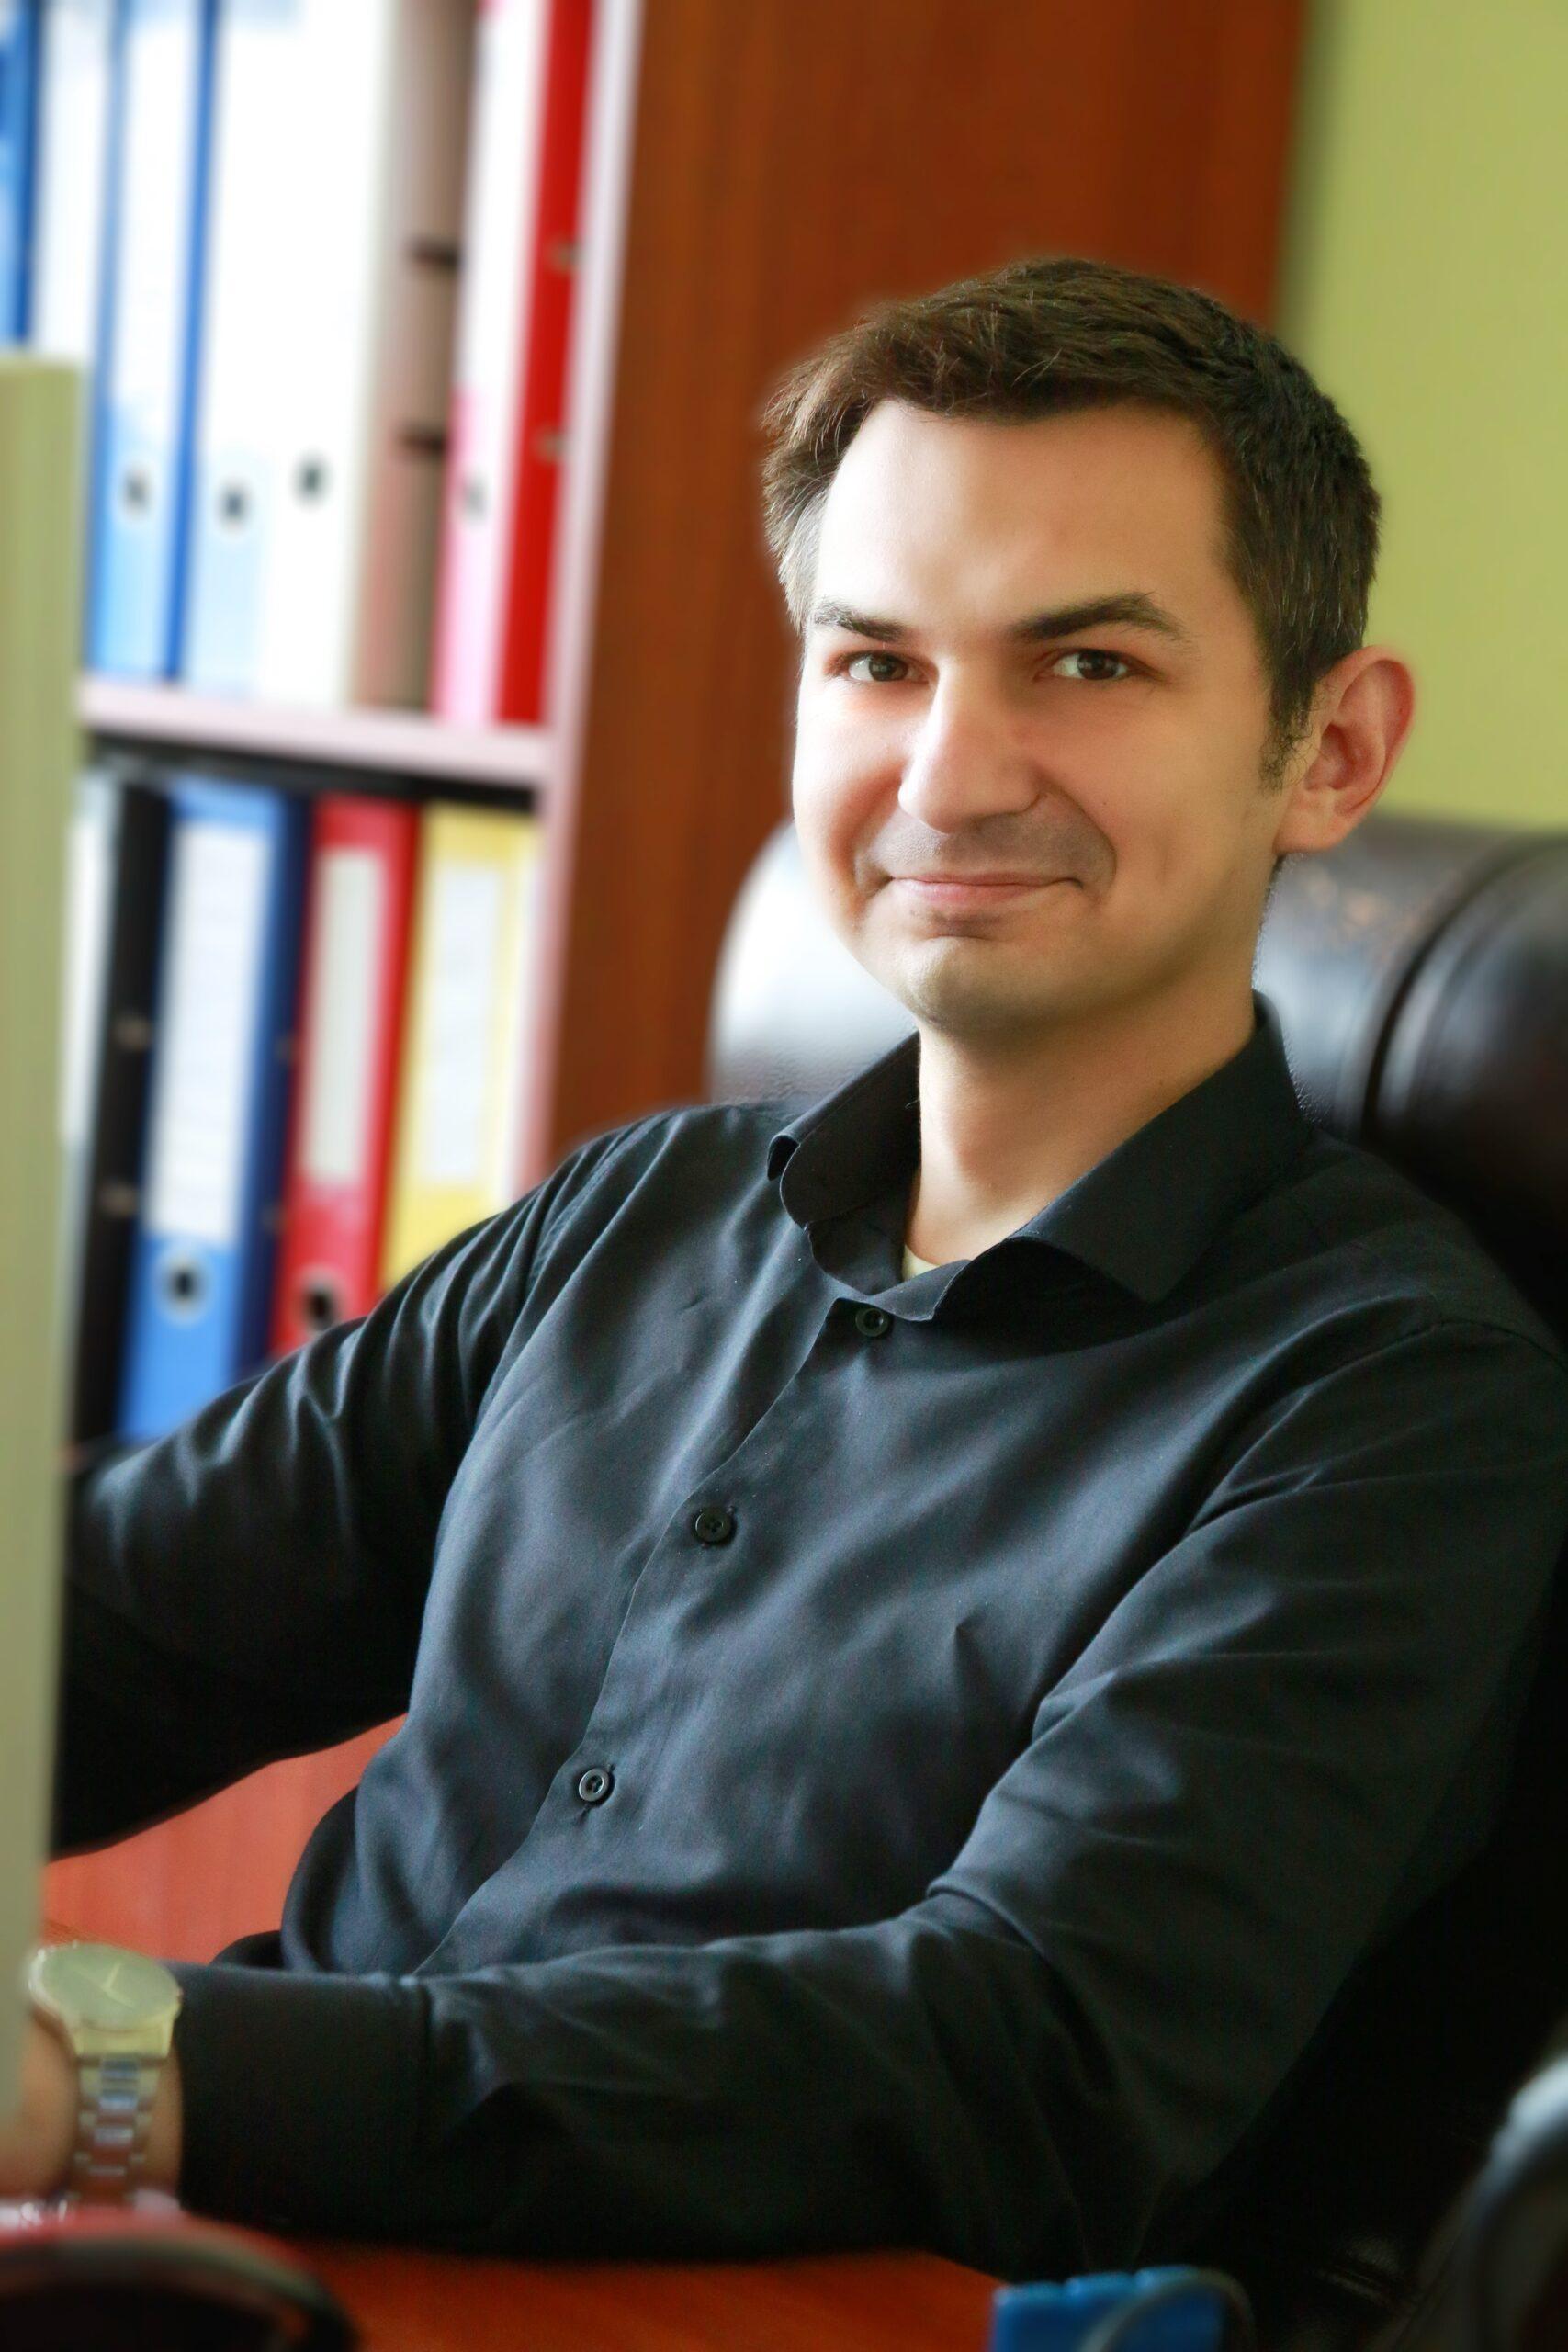 Алексей Викторович главный юрист